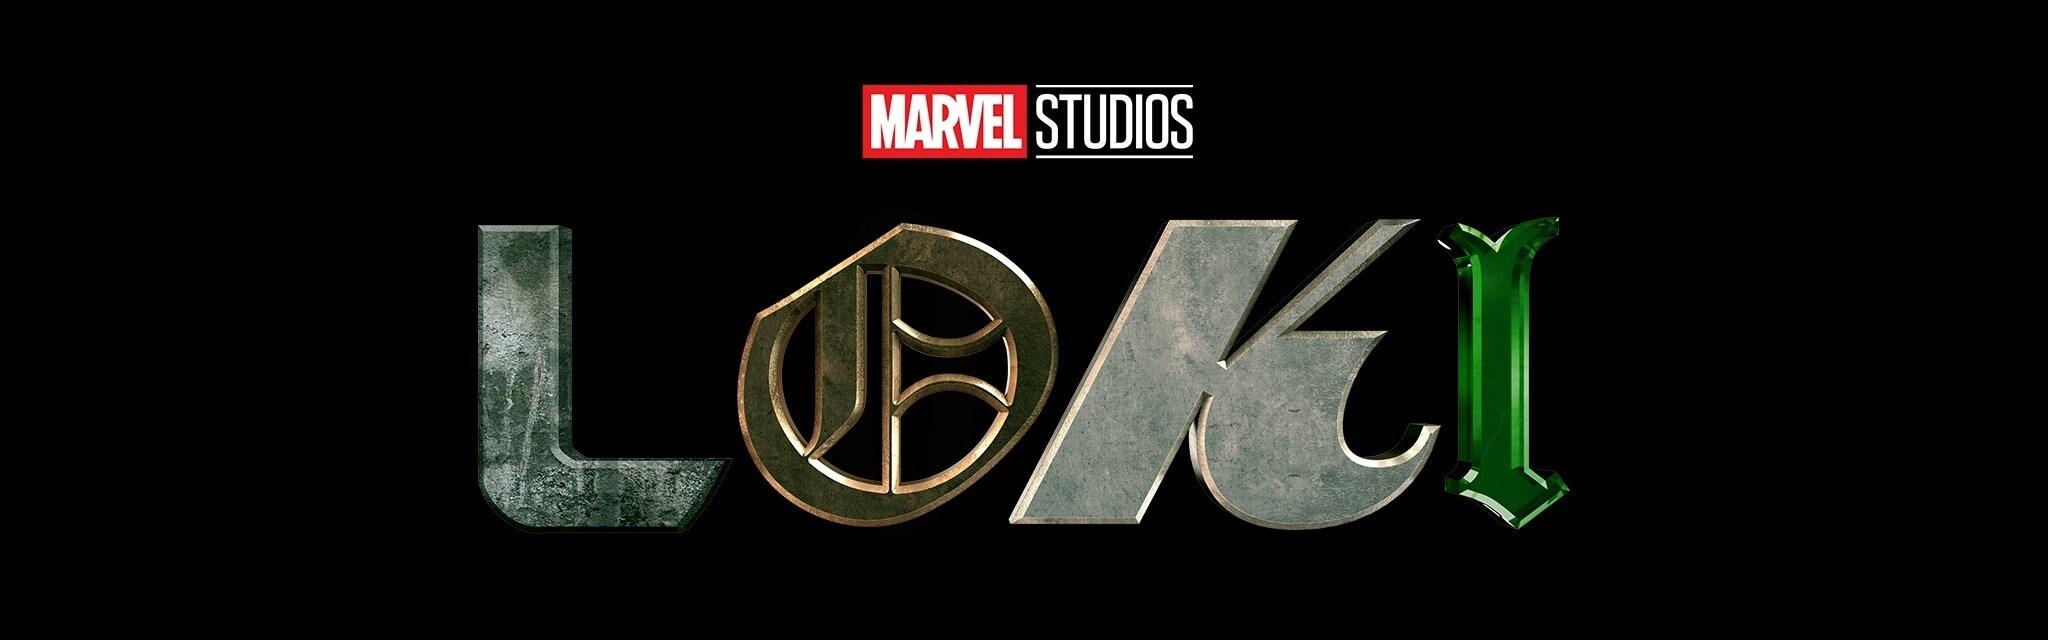 Loki | Estreno 9 de junio | Solo en Disney+